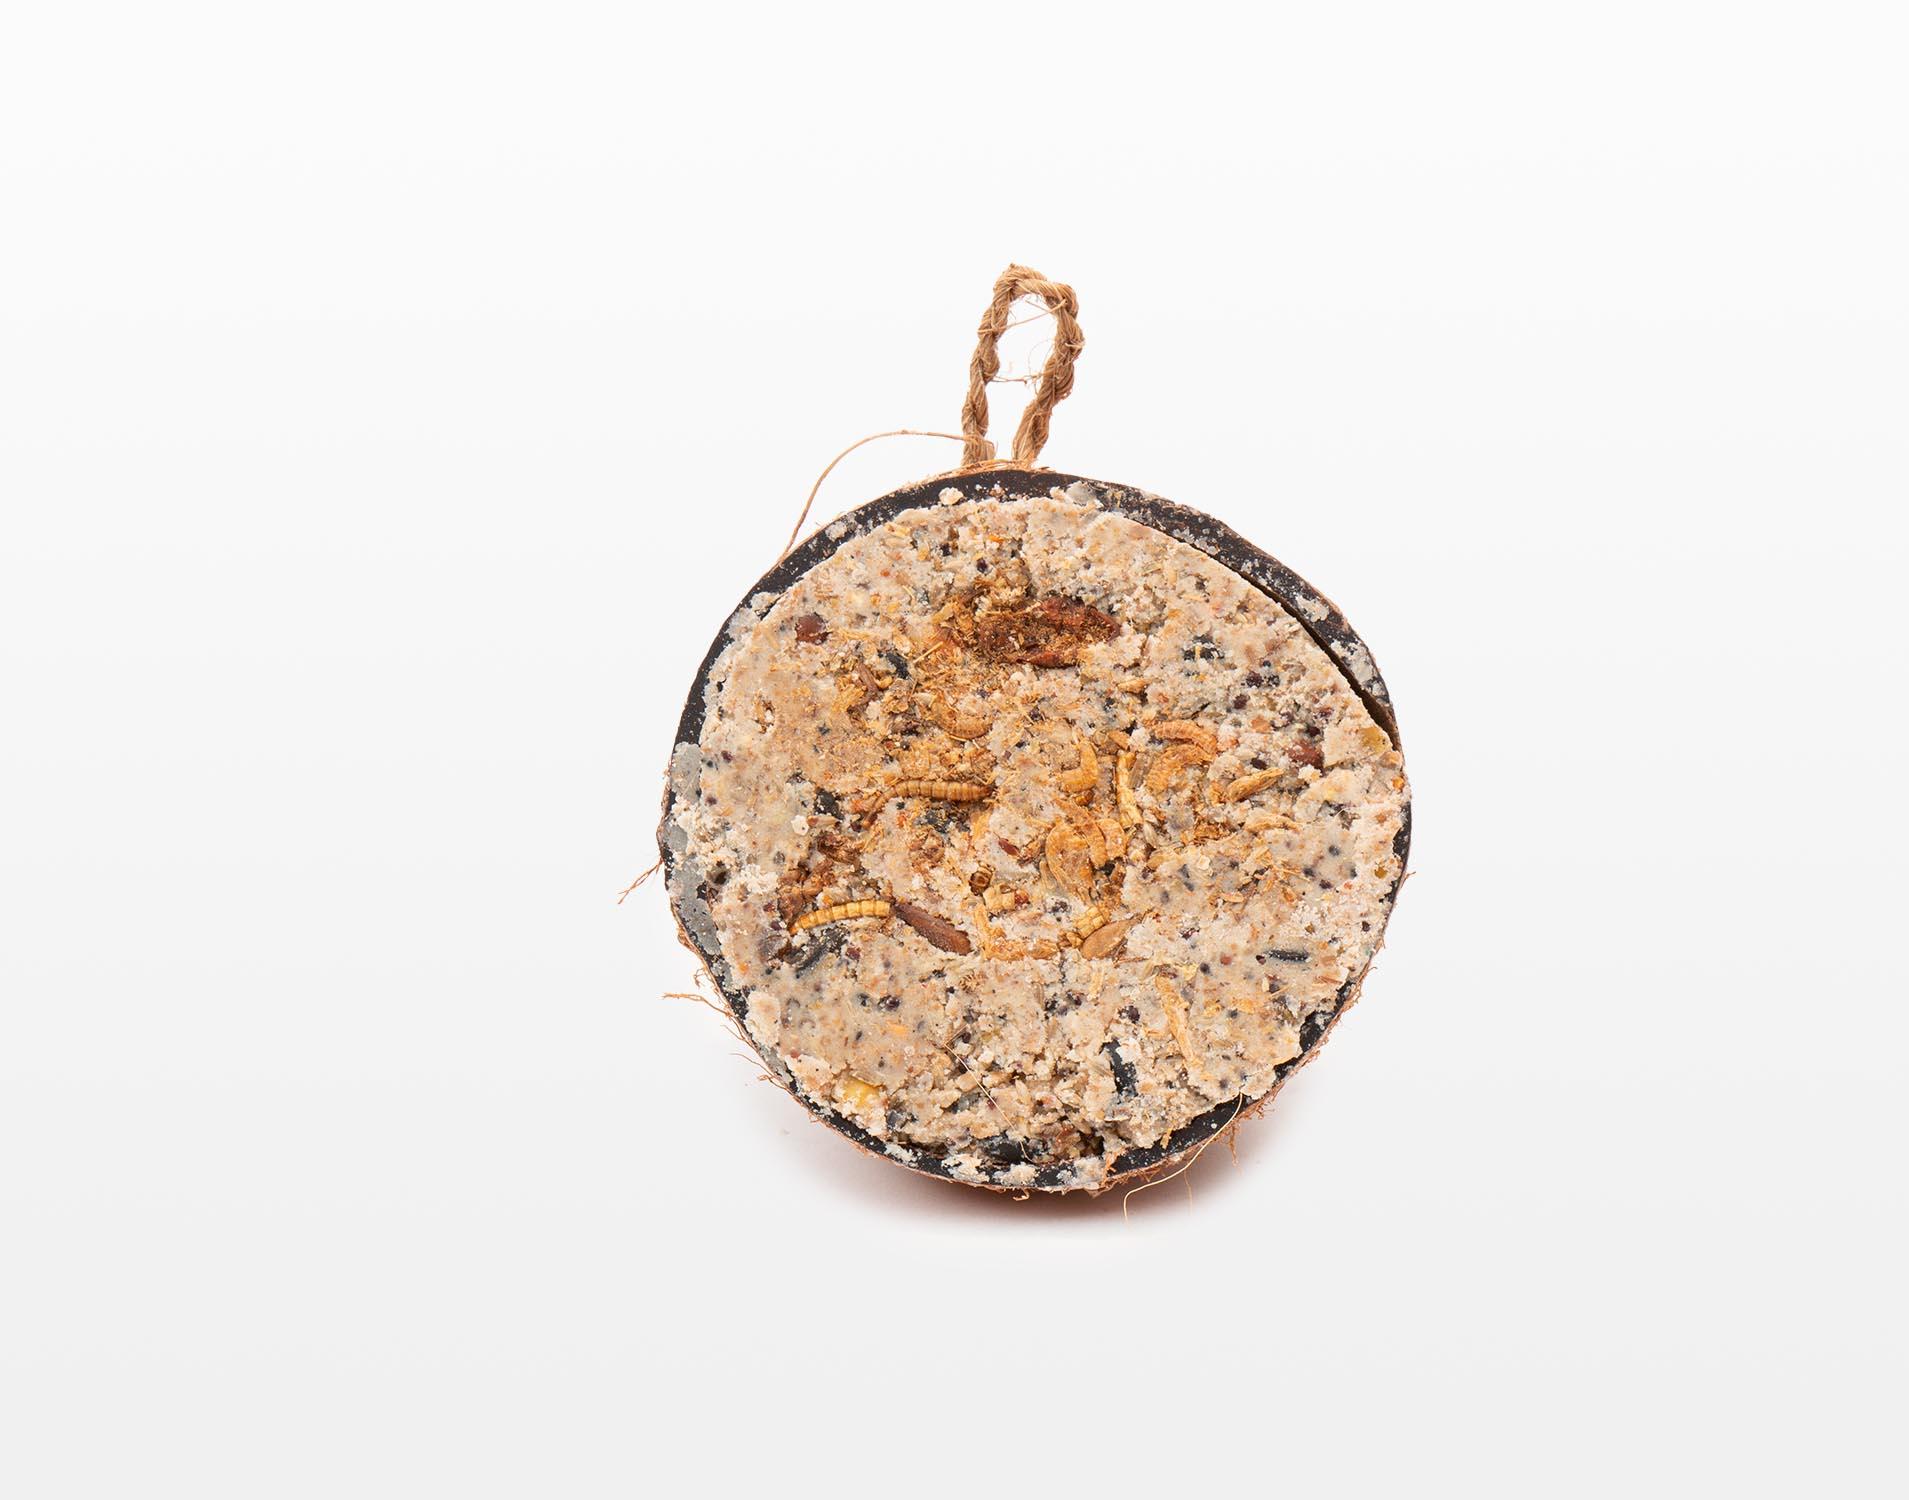 Halve gevulde kokosnoot - Meelworm